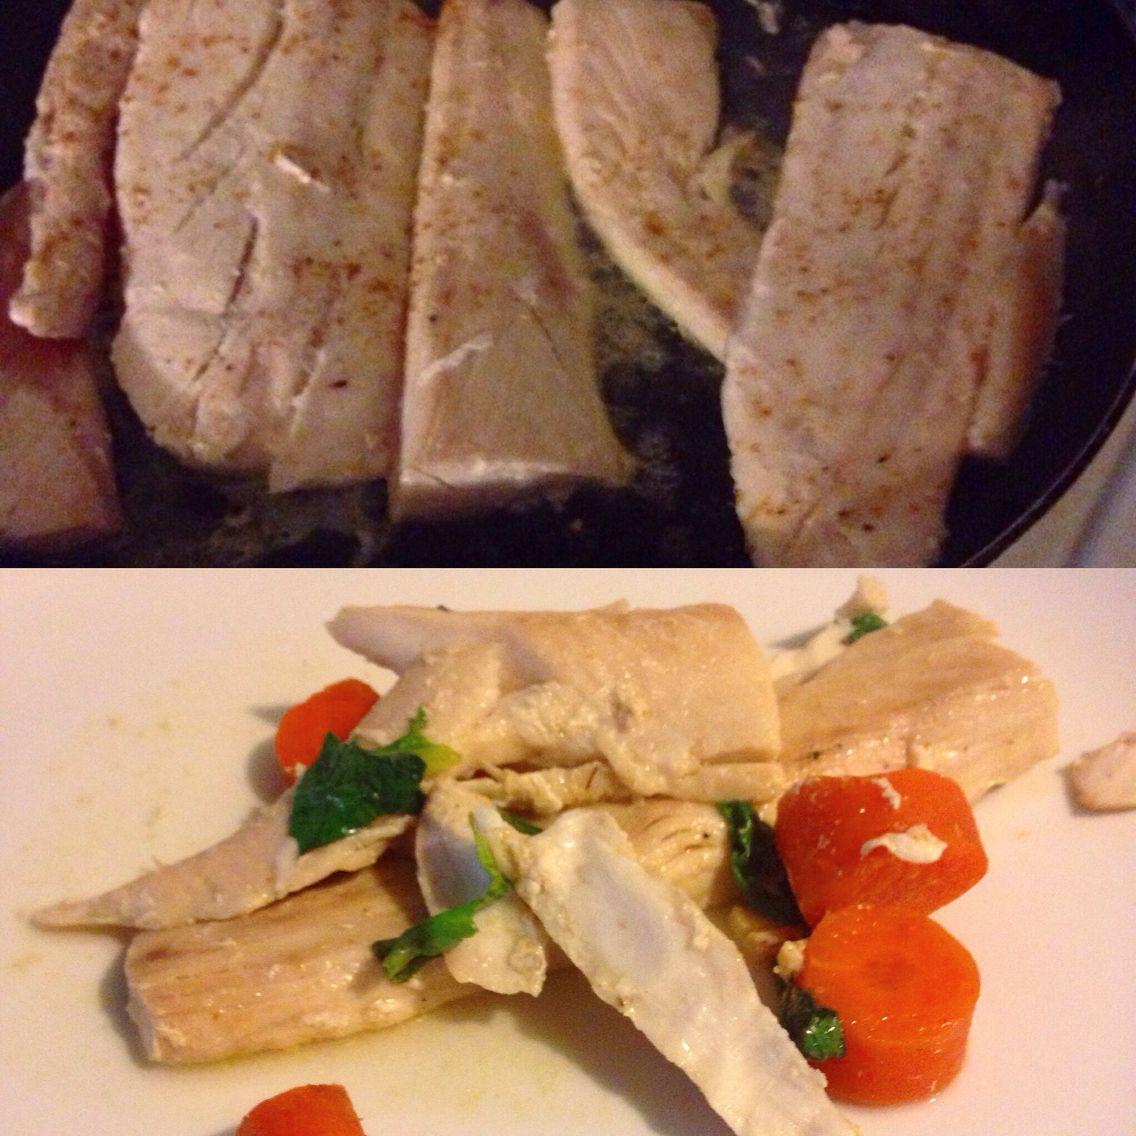 Homemade dish! ✌️ Ingredients: Wild caught Mahimahi Extra virgin olive oil  Organic carrots  Organic kale Seasoning(fish seasoning) optional Enjoy!  #praisethelord #amen #pescatarian